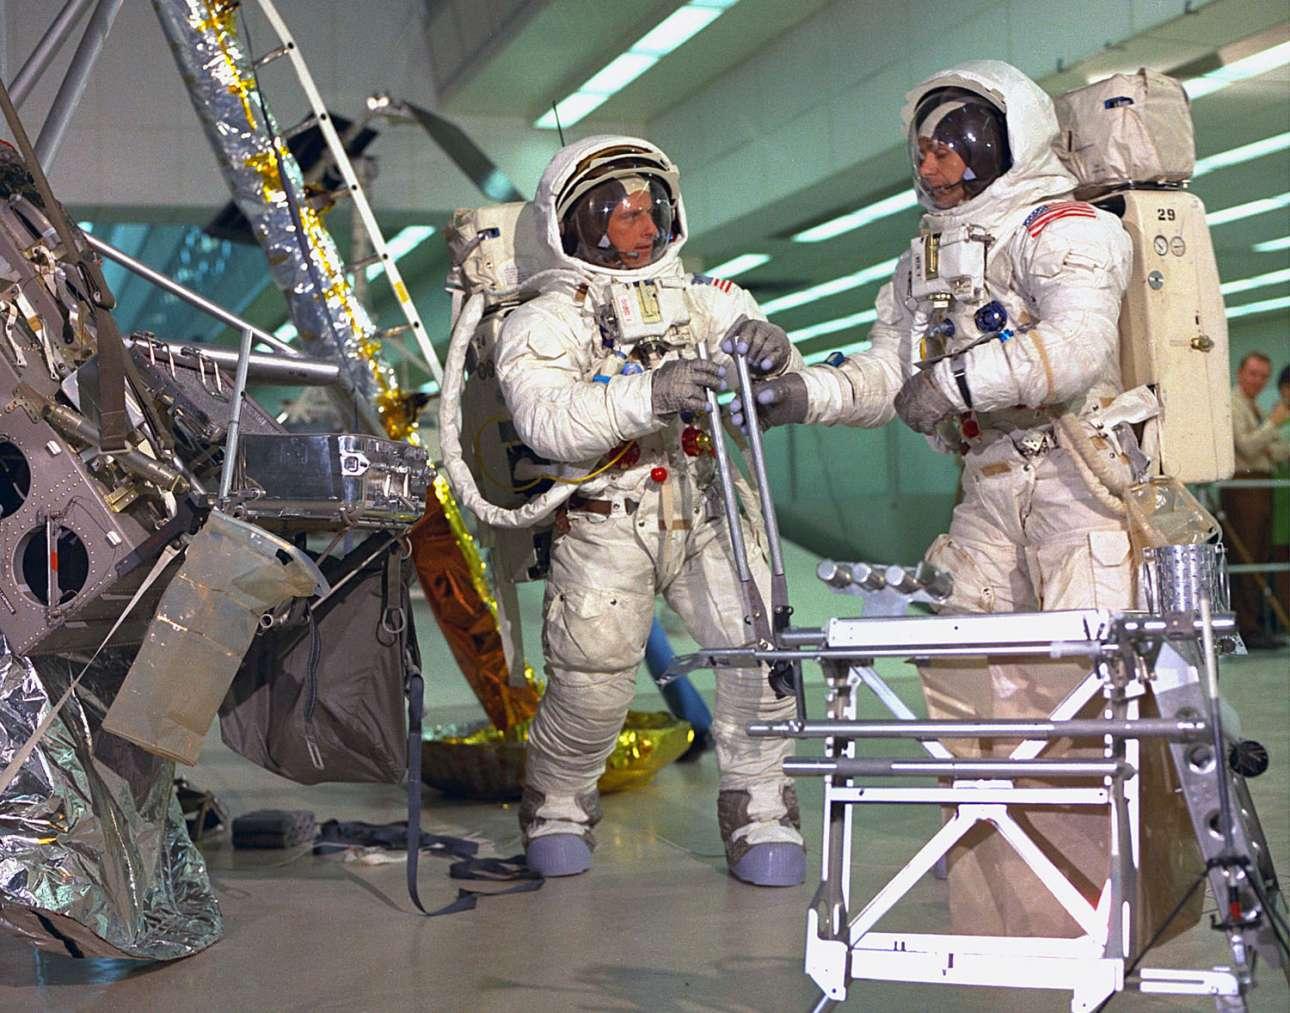 Ο Τσαρλς Κόνραντ και ο Αλαν Μπιν κάνουν εκπαίδευση Σεληνιακής Εξωοχηματικής Δραστηριότητας (EVA), ένα είδος προσομοίωσης για το πώς θα αισθάνονται στην επιφάνεια της Σελήνης. Η εκπαίδευση γίνεται στο Διαστημικό Κέντρο Κένεντι, που βρίσκεται στο νησί Μέριτ στη Φλόριντα των ΗΠΑ.